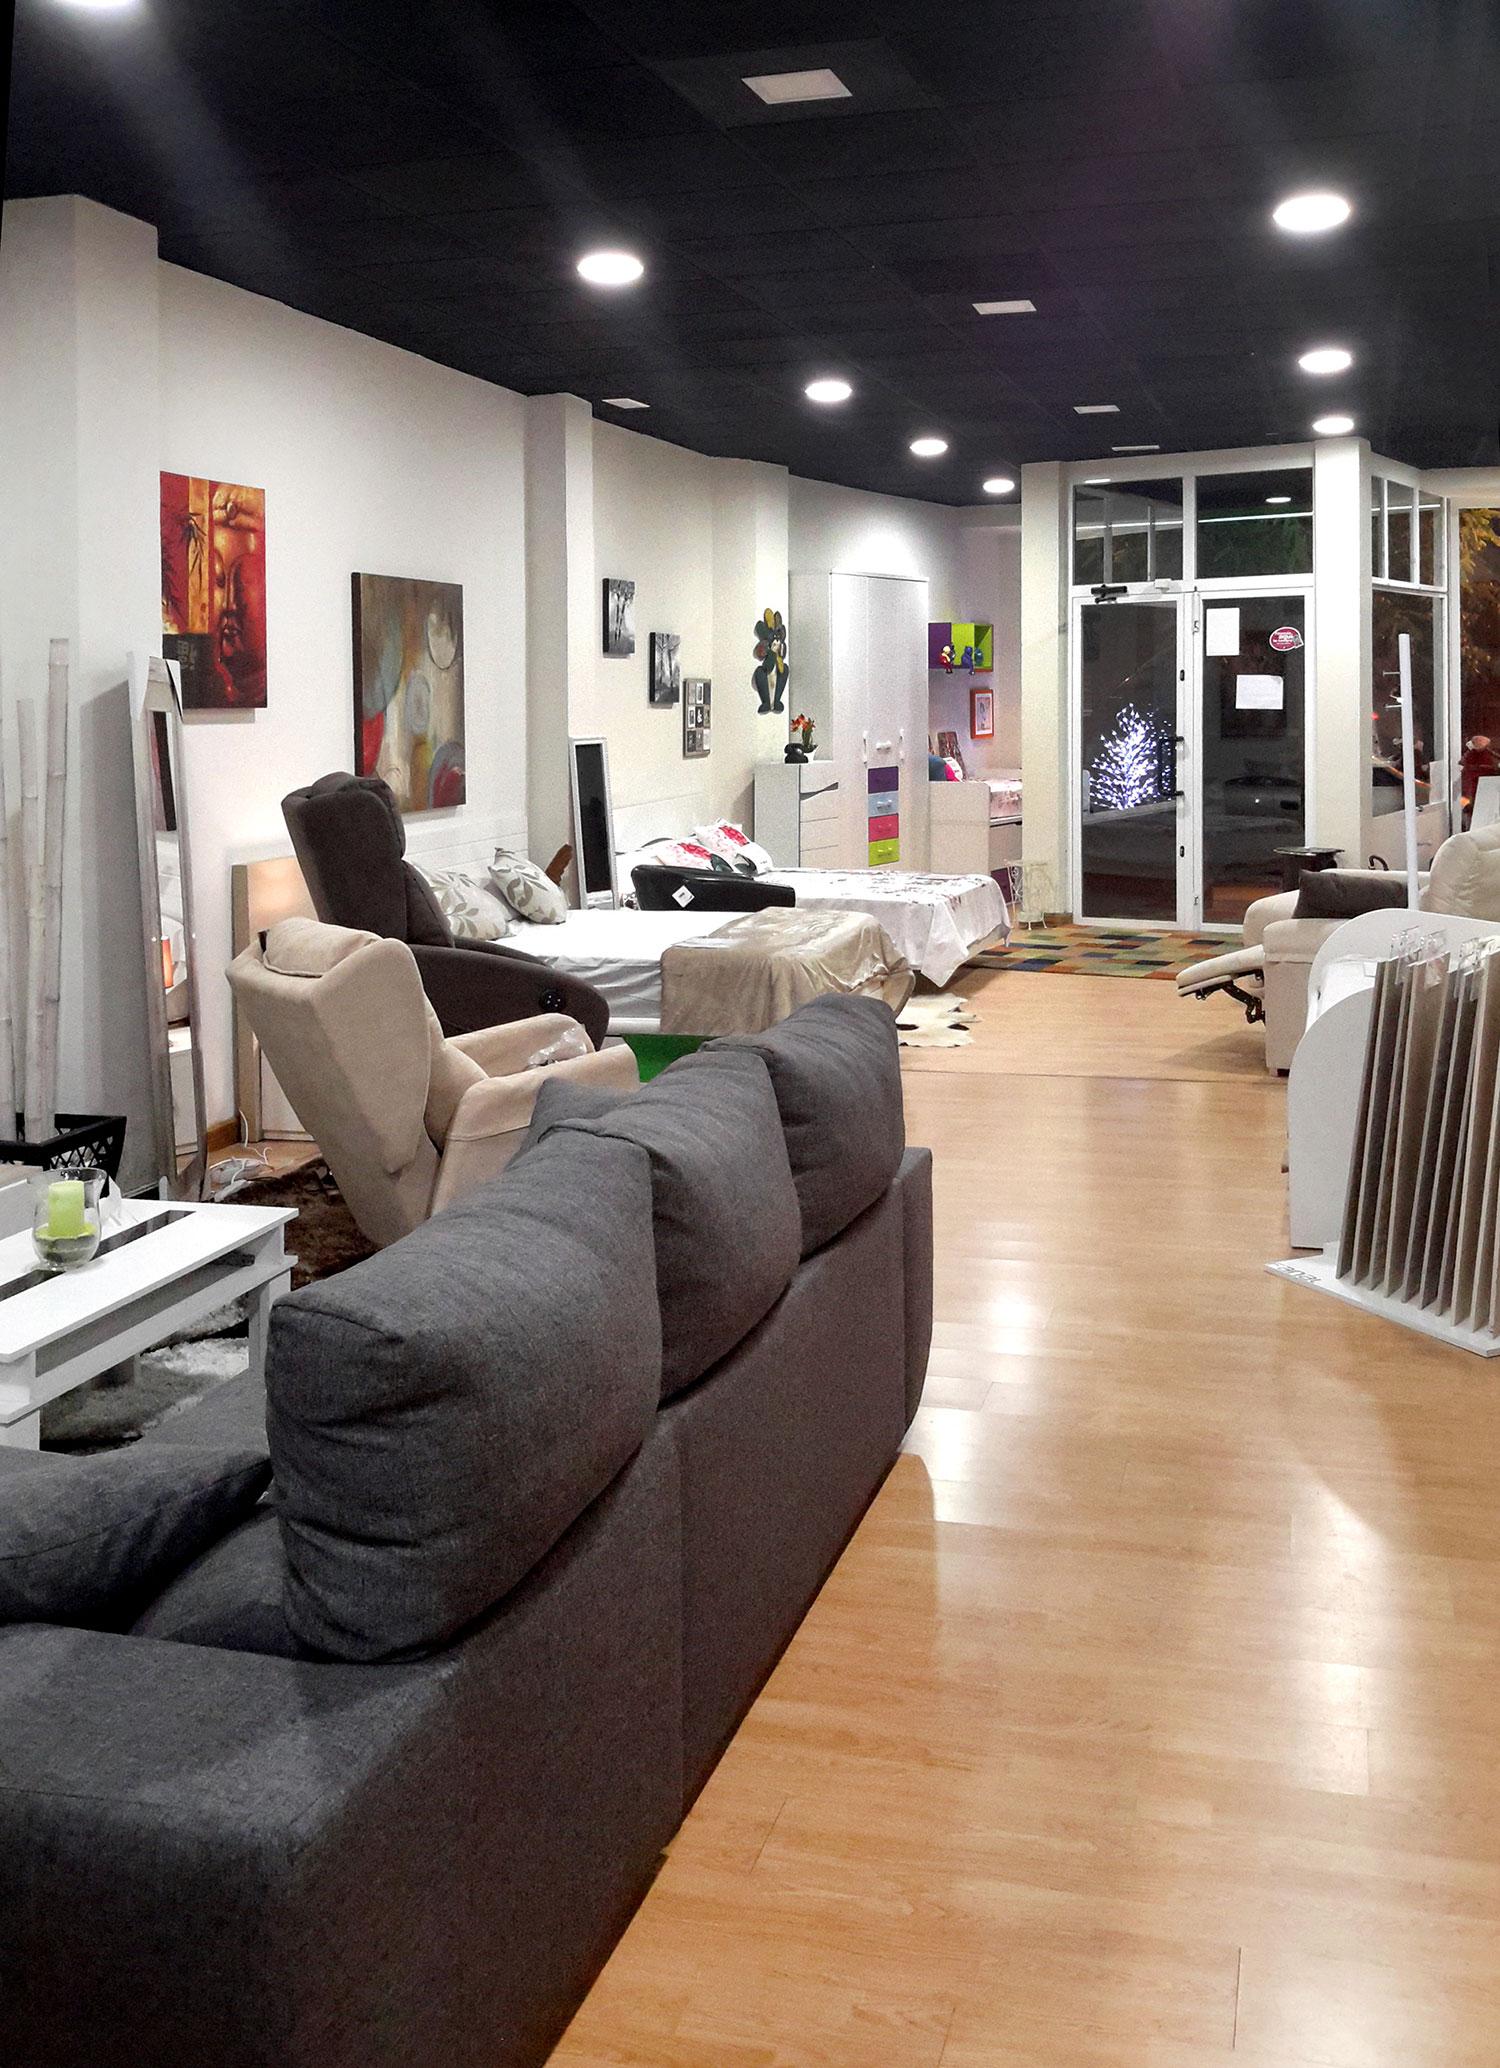 Almacen De Muebles Dise Os Arquitect Nicos Mimasku Com # Muebles Bogota Primera De Mayo